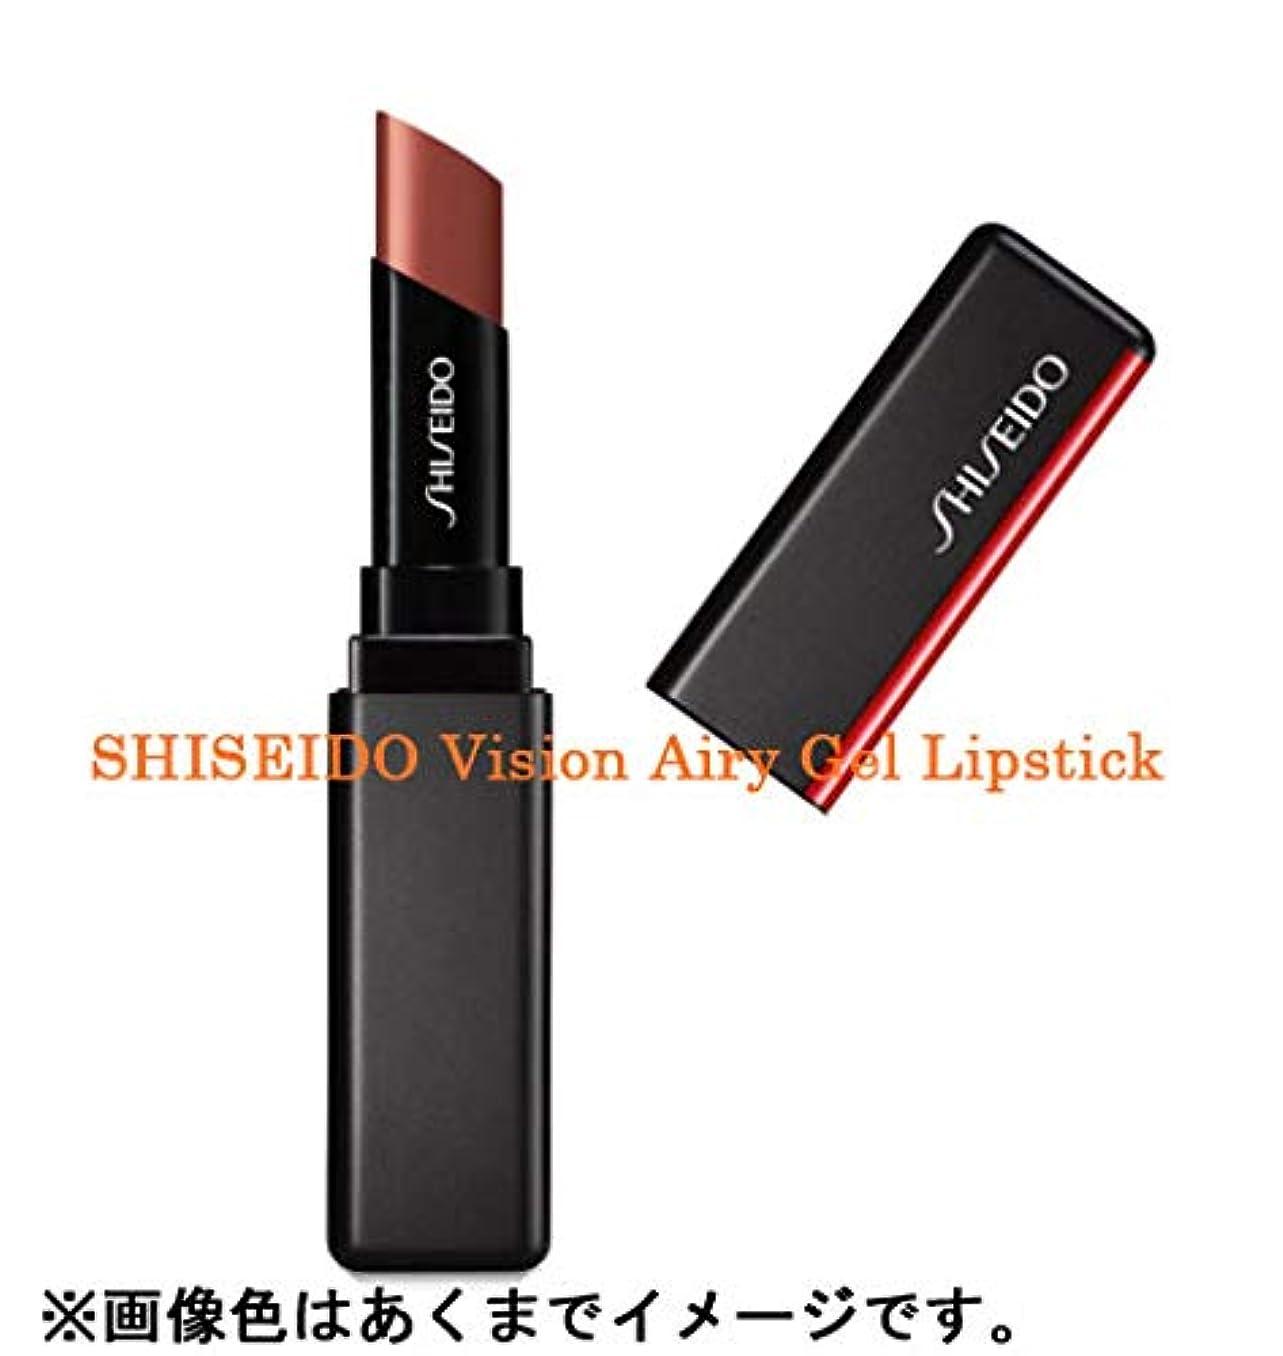 クリスチャンクッション覗くSHISEIDO Makeup(資生堂 メーキャップ) SHISEIDO(資生堂) SHISEIDO ヴィジョナリー ジェルリップスティック 1.6g (228)